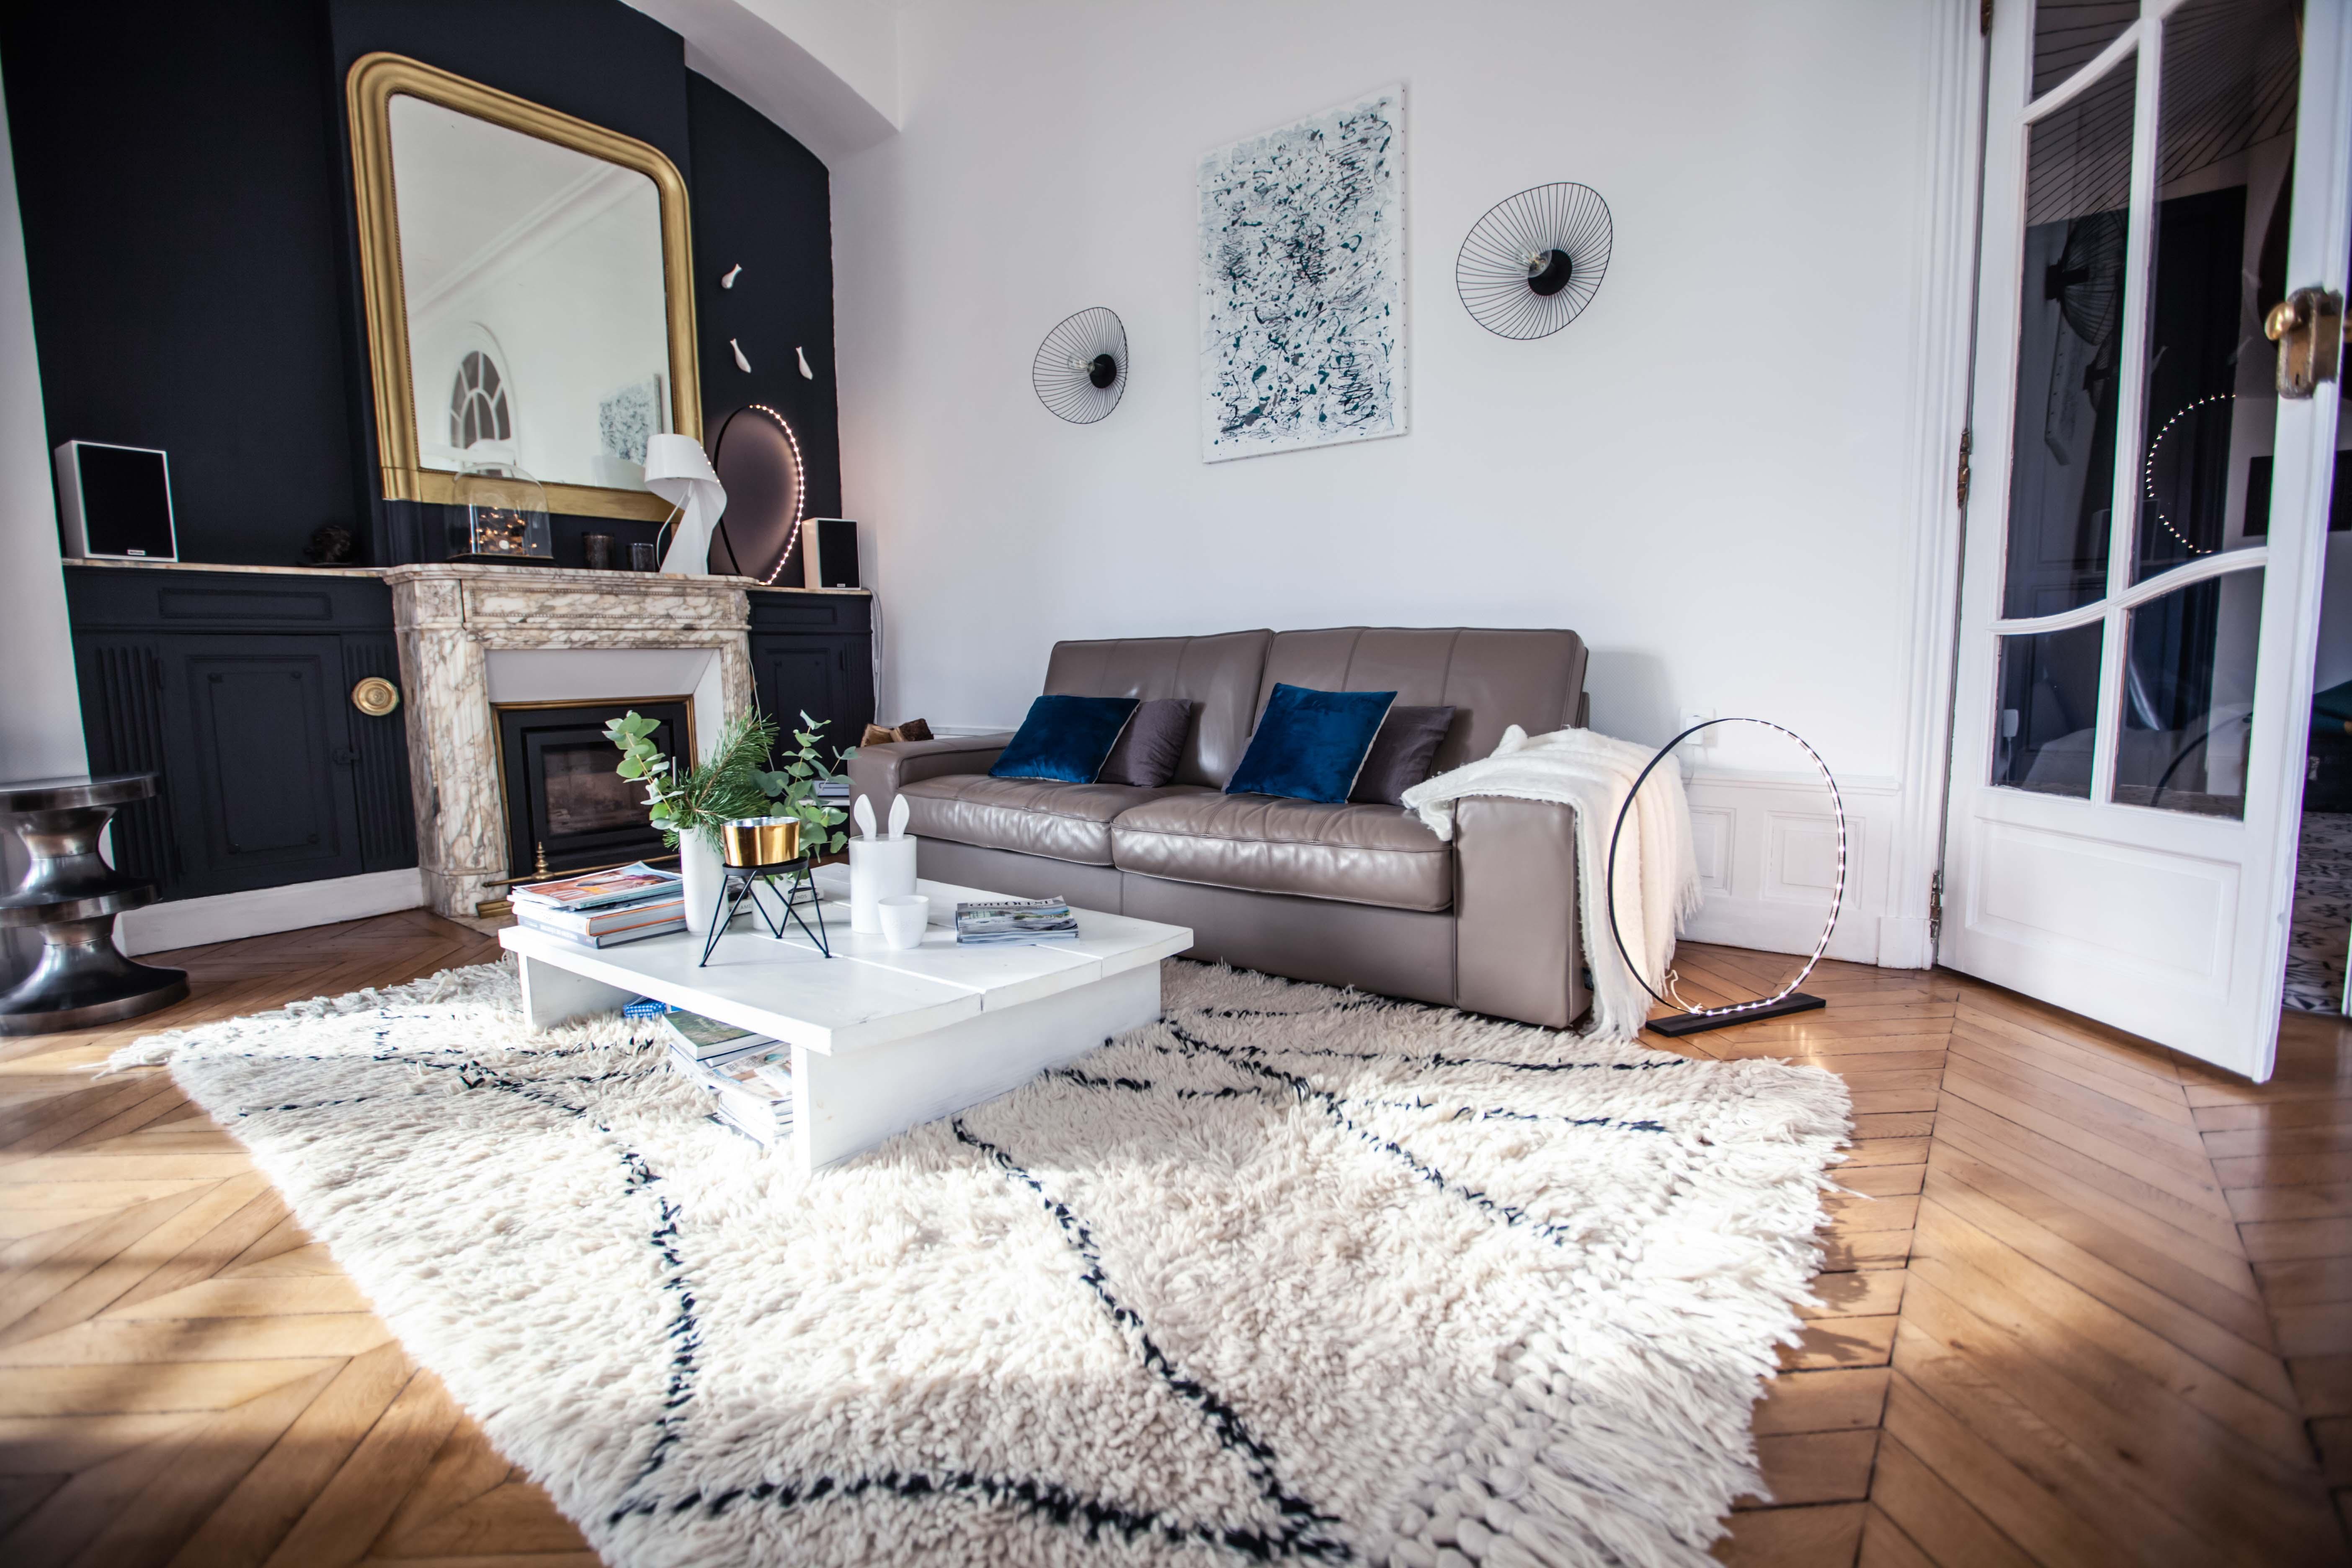 Maison Vertigo - Clfd Capture | Enzo Habrial